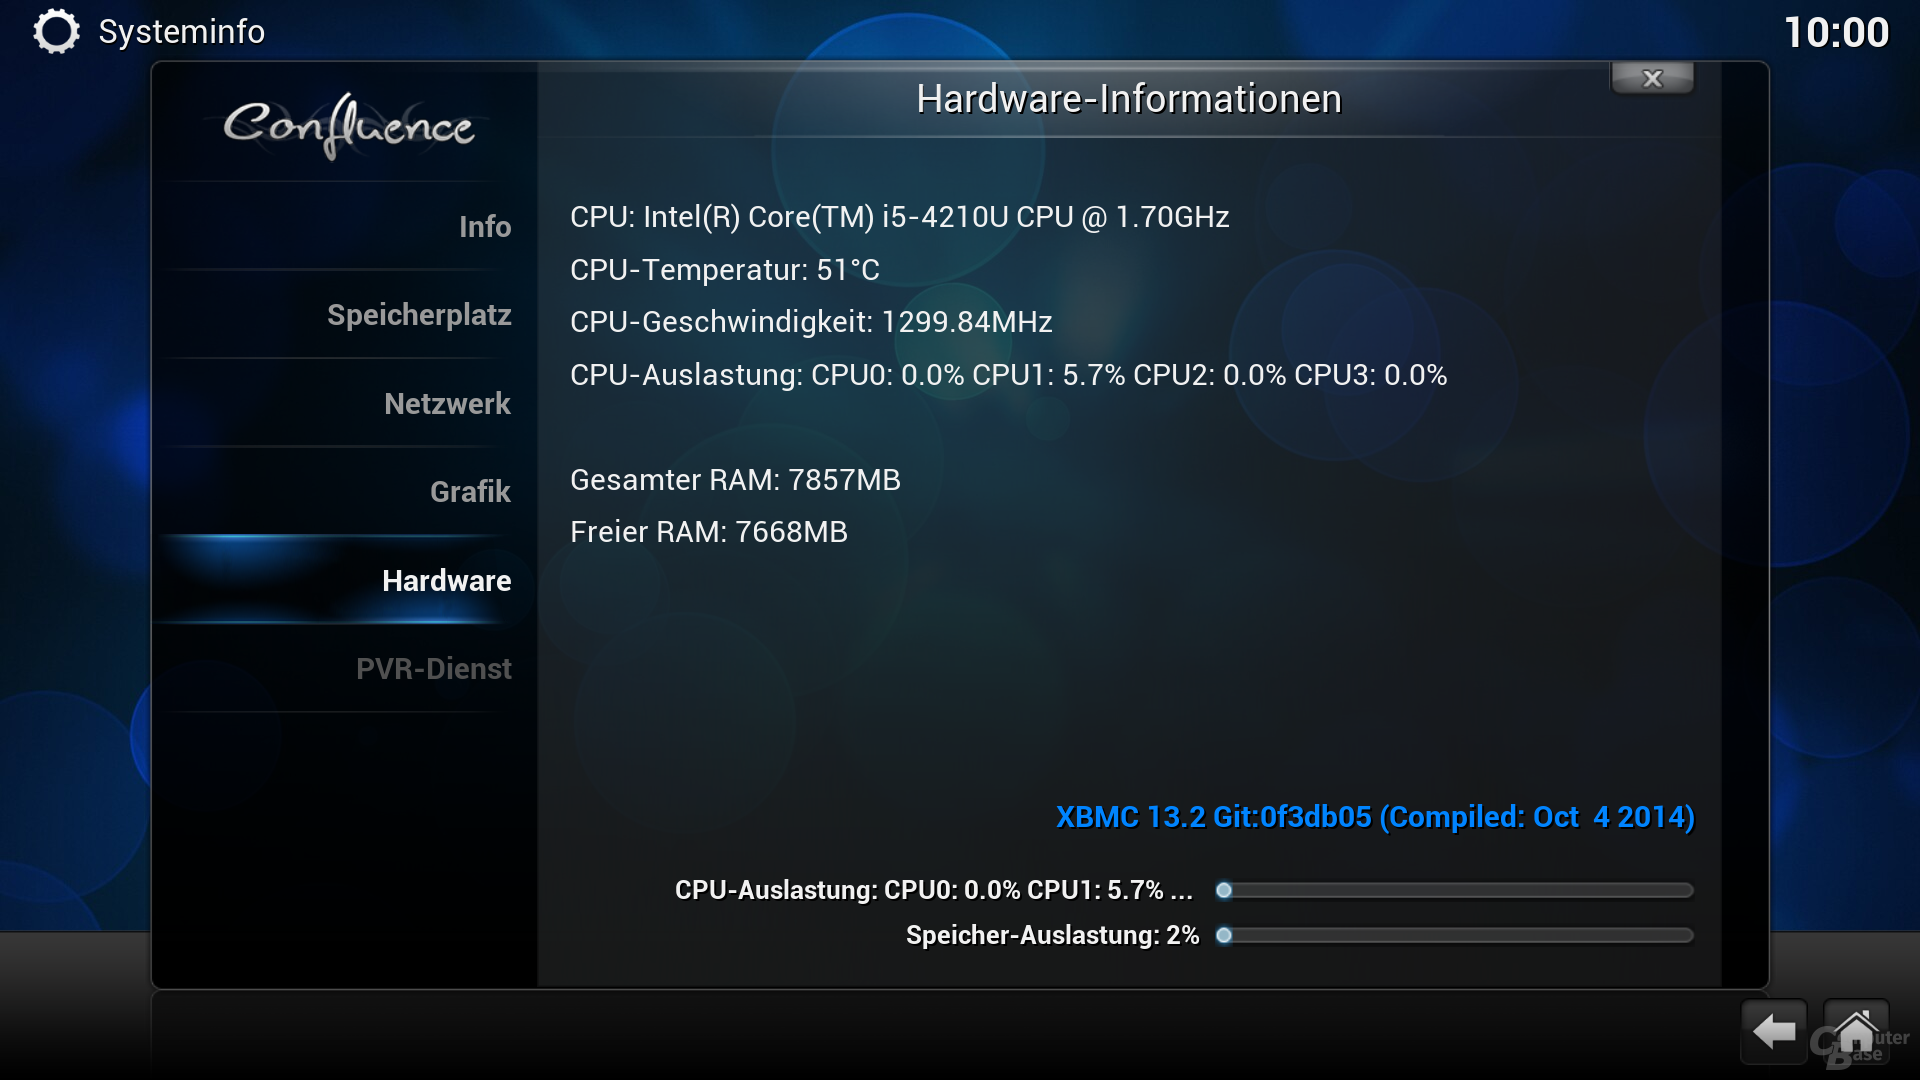 XBMC in finaler Version 4.2.1 im Einsatz